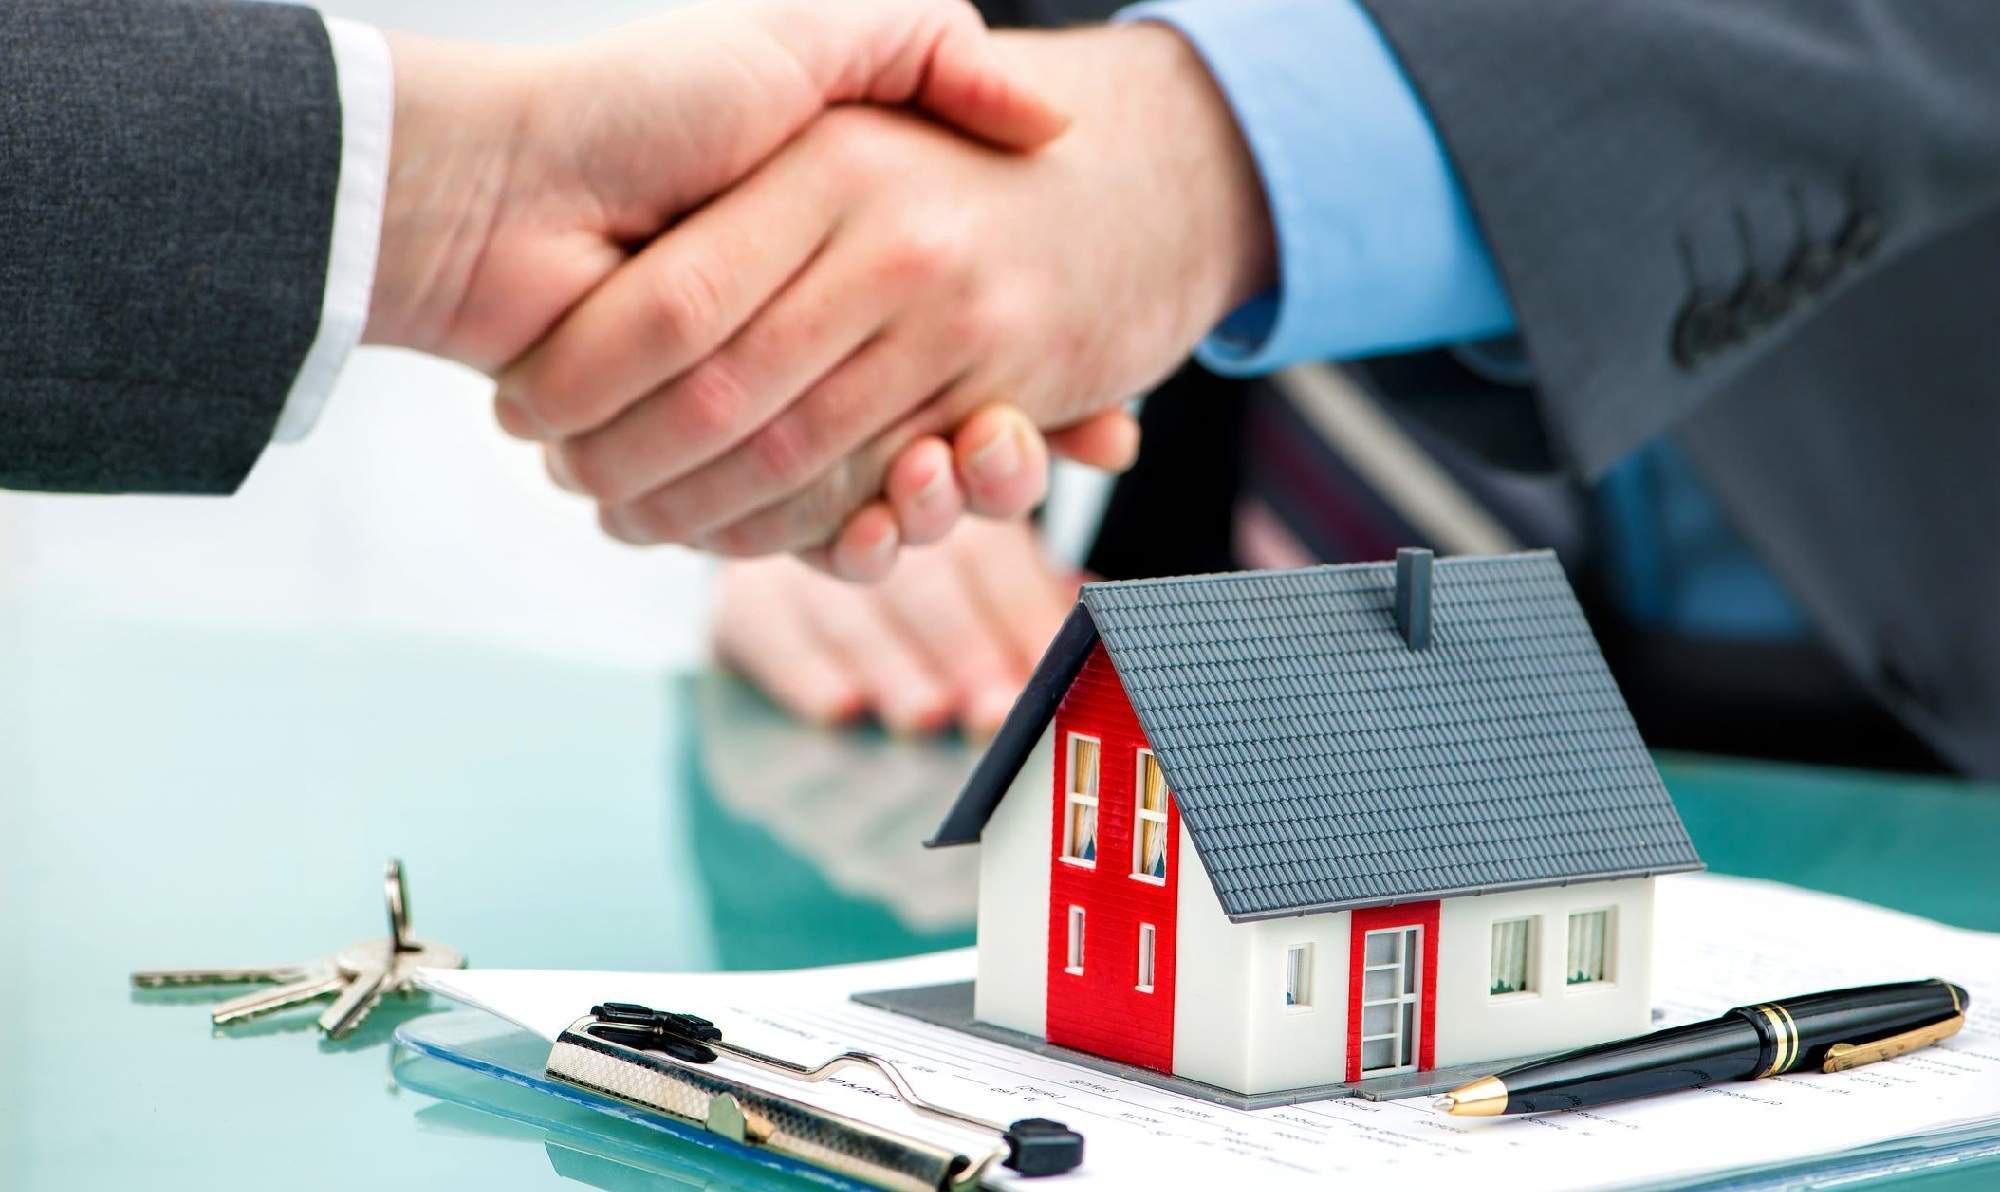 Quy tắc 30/30/3 giúp bạn mua nhà trong thời đại dịch Covid-19